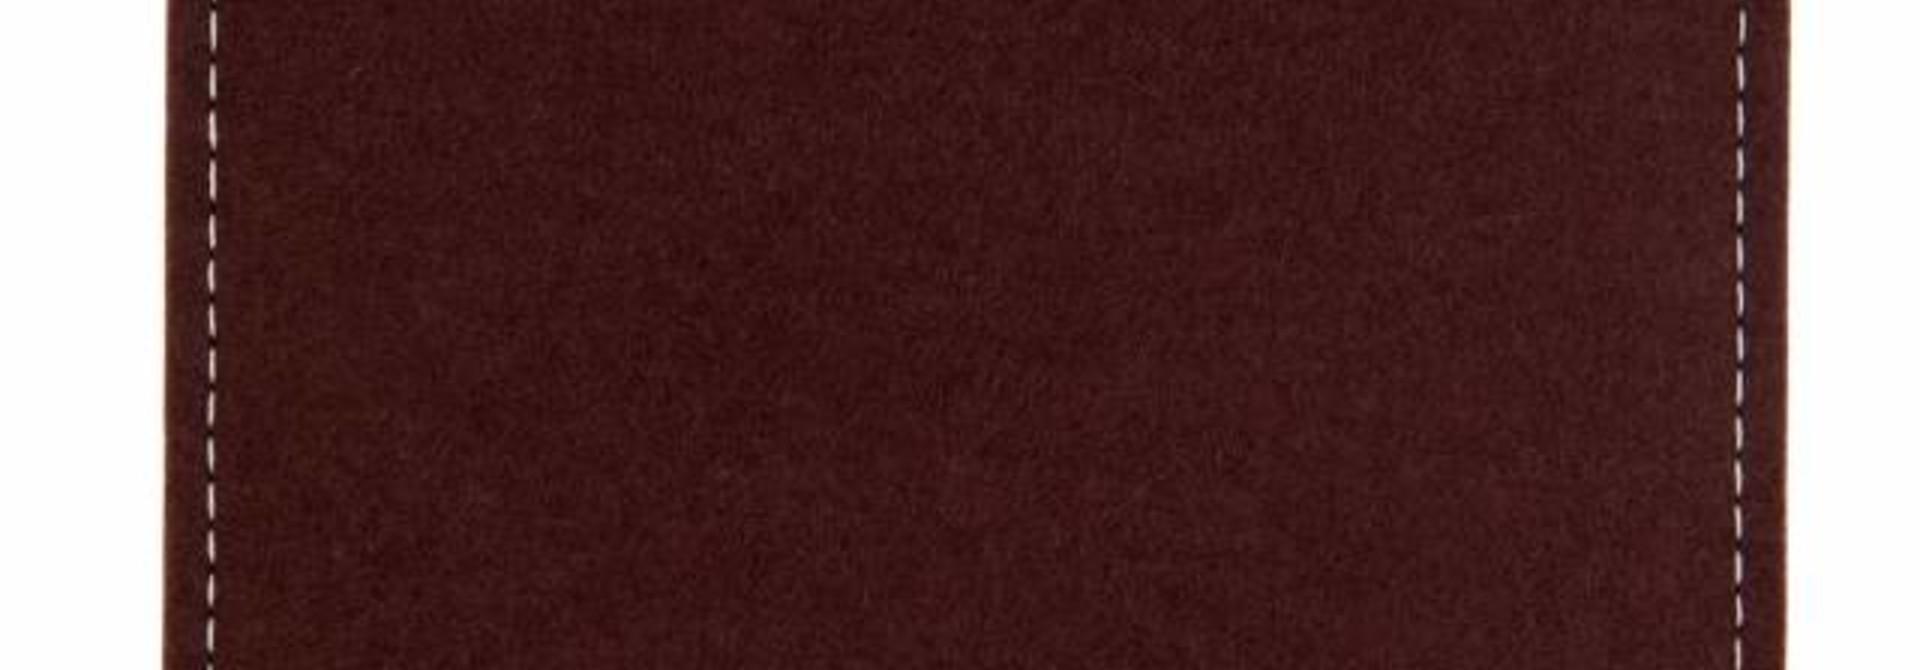 Chromebook Sleeve Dark-Brown